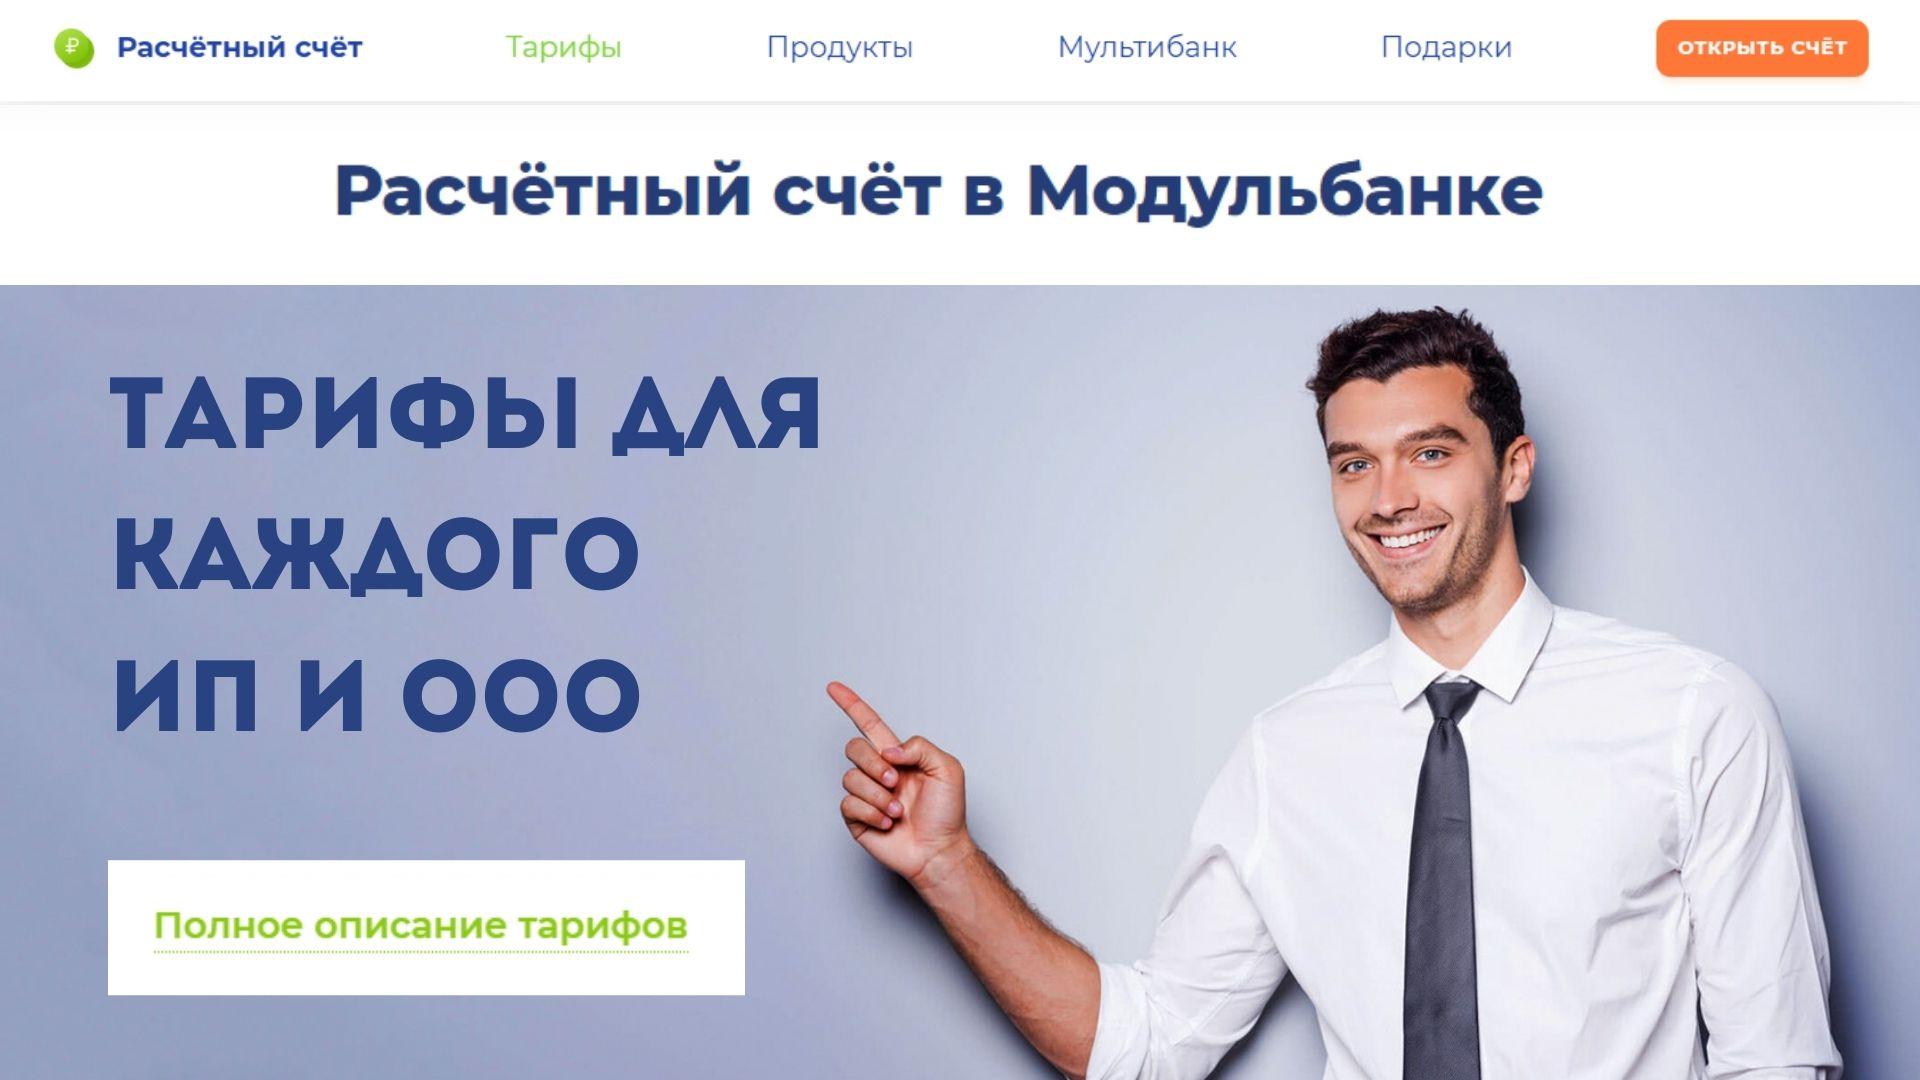 Расчетно-кассовое обслуживание в МодульБанке. Тарифы РКО